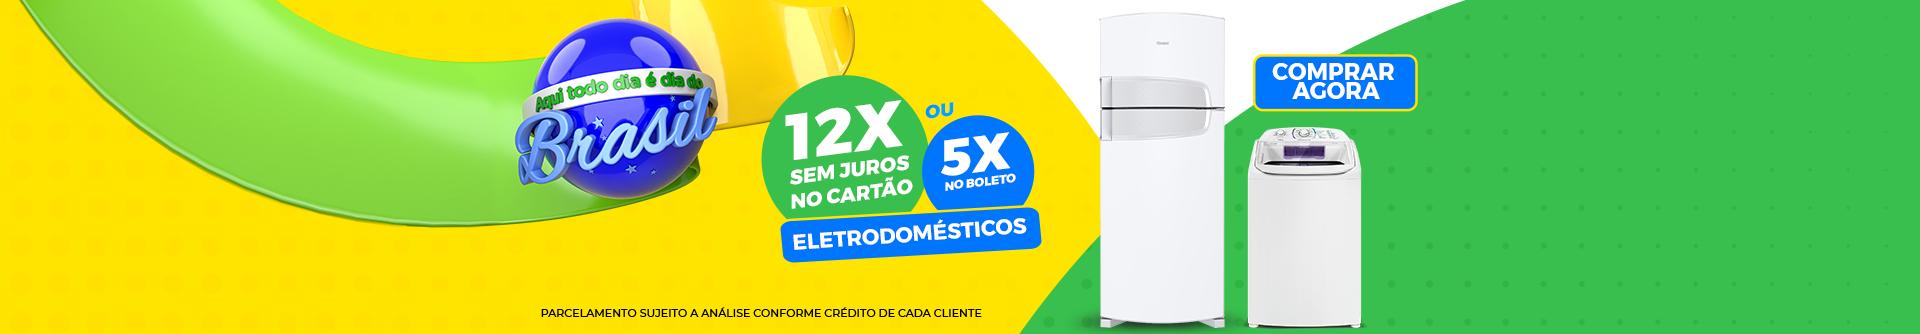 Todo dia é dia de Brasil - Eletro